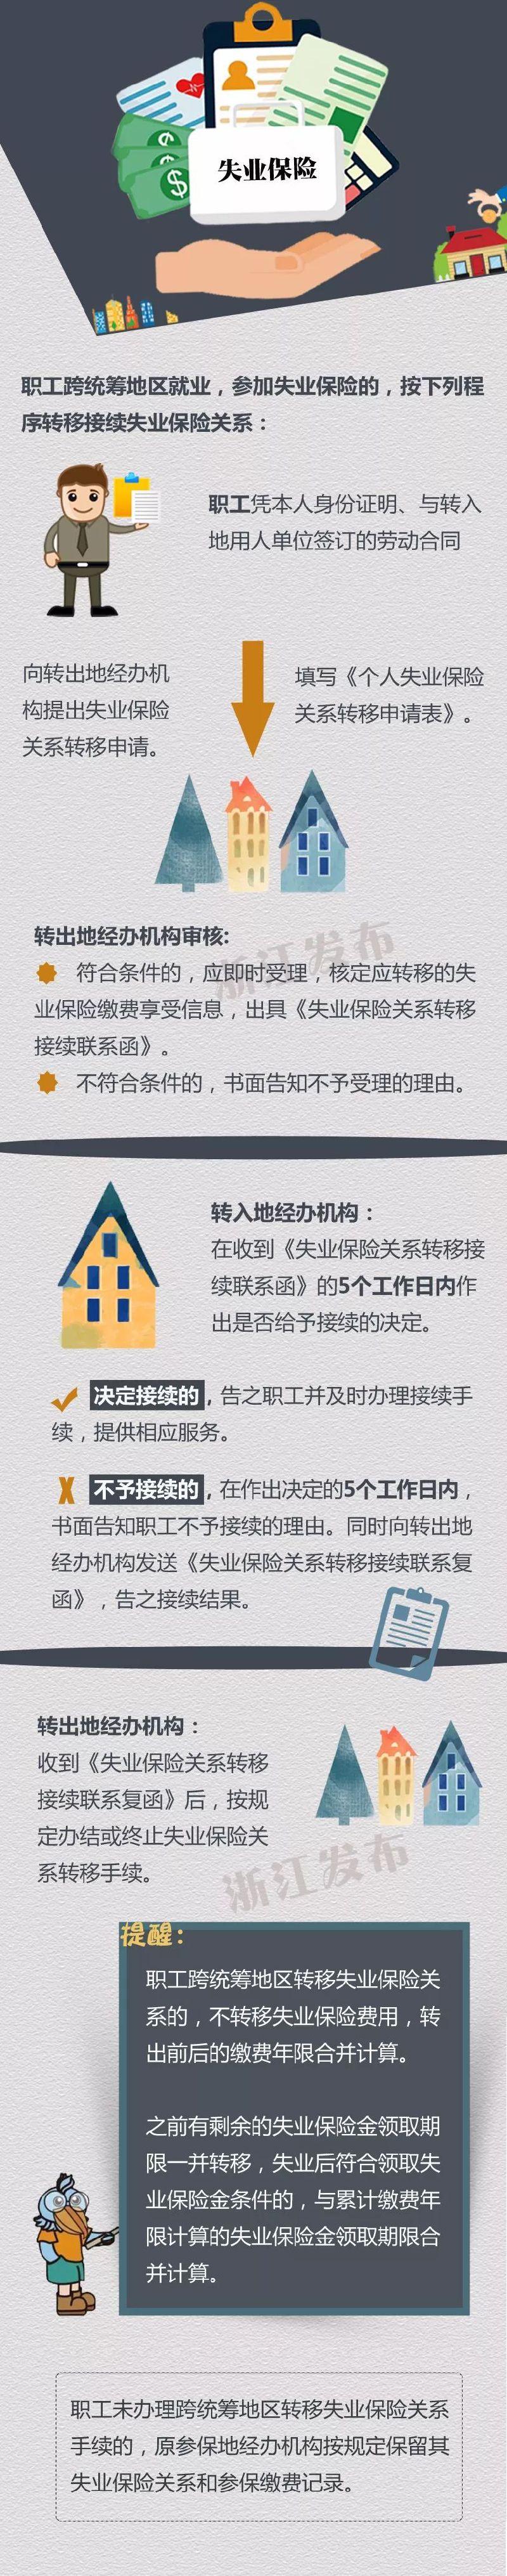 宁波个人怎么异地转移失业保险关系